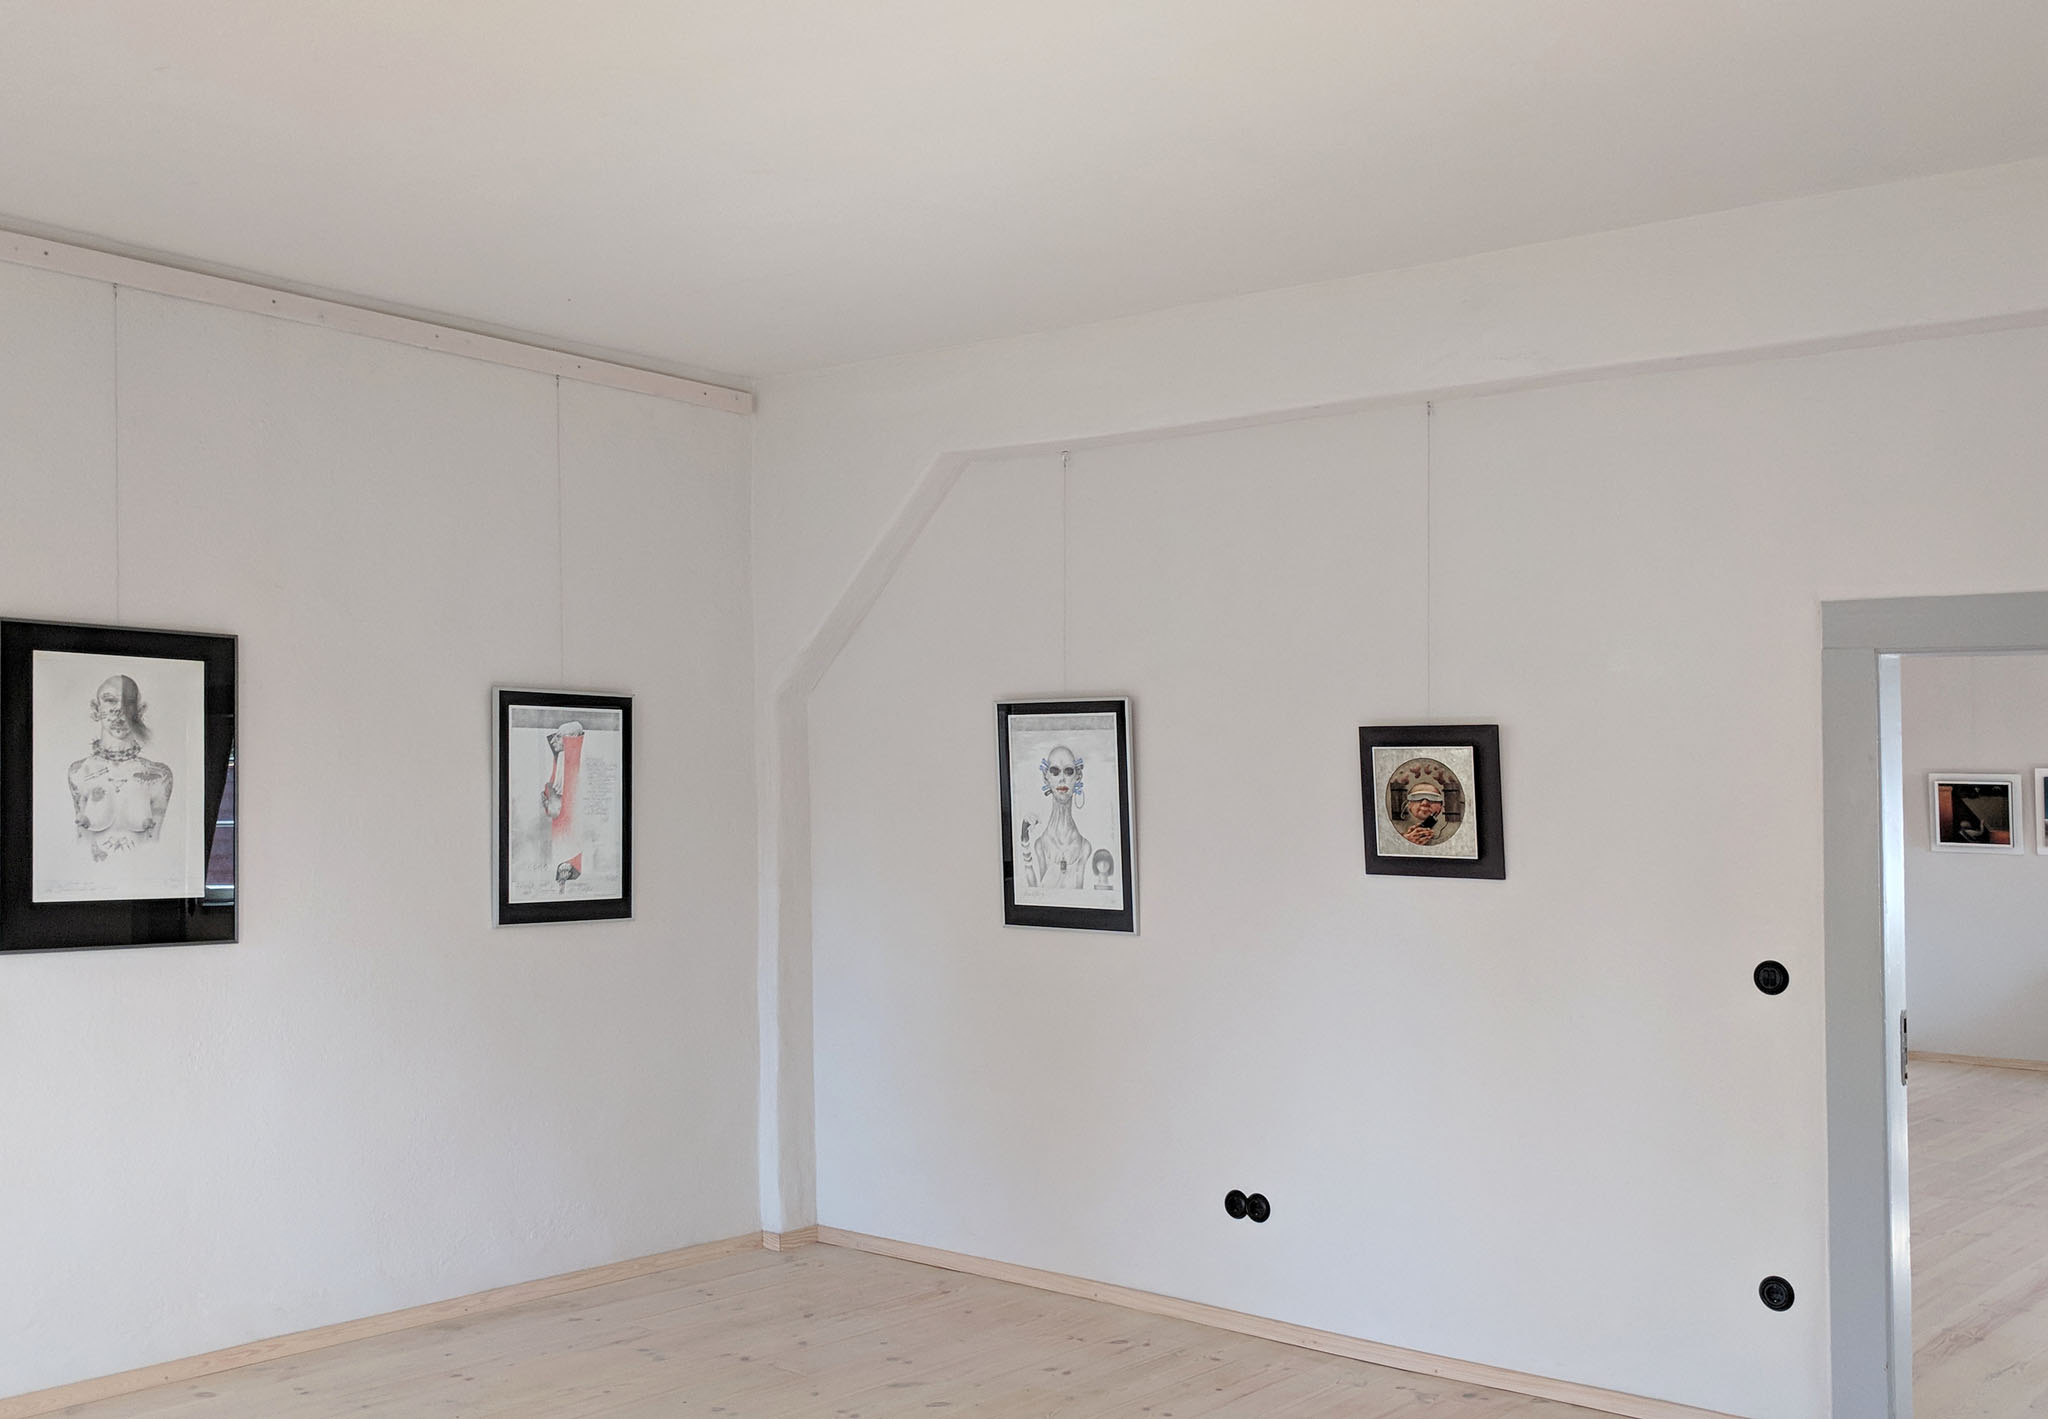 O66_Ausstellung_Werner_Juza_Erinnerungen_Raum_Gesellschaftsprotraits_der_Gegenwart_02_2048px.jpg